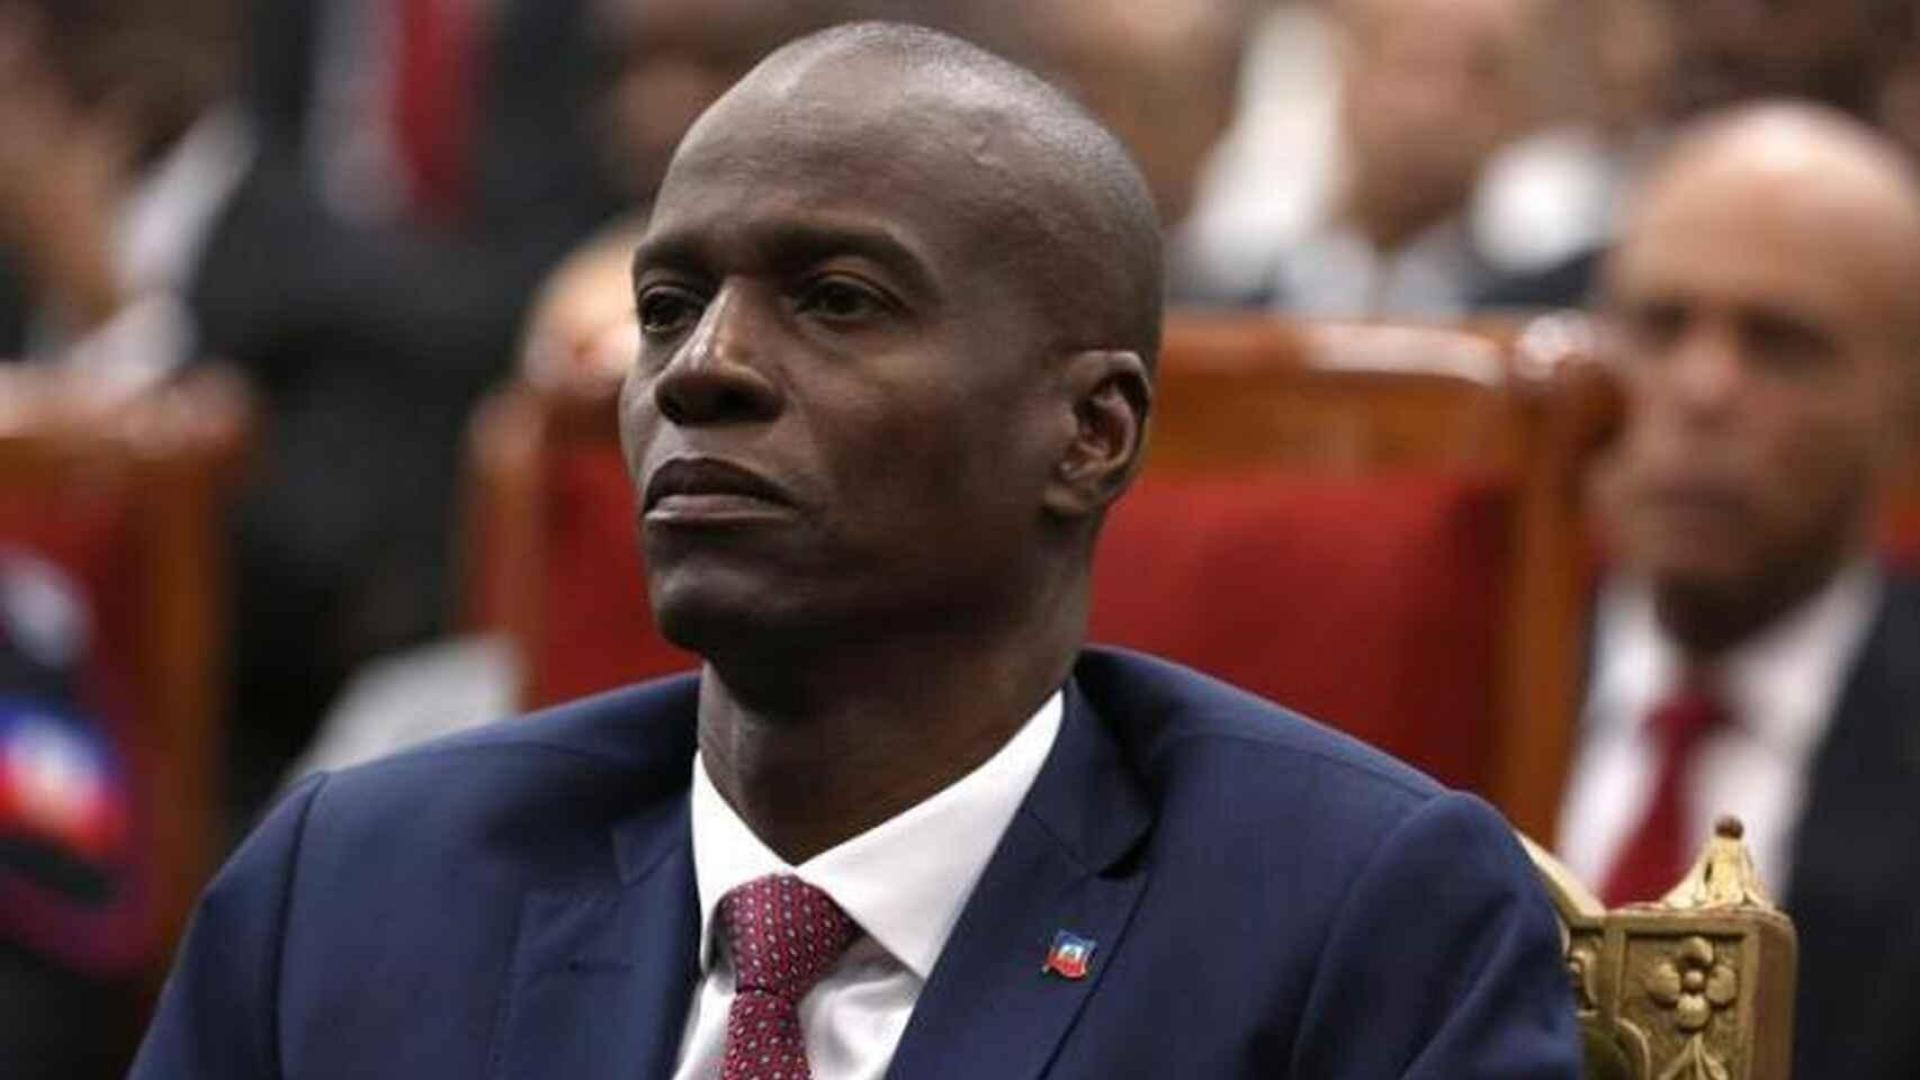 Abatieron a 4 y detuvieron a 2 de los responsables del asesinato del presidente de Haití